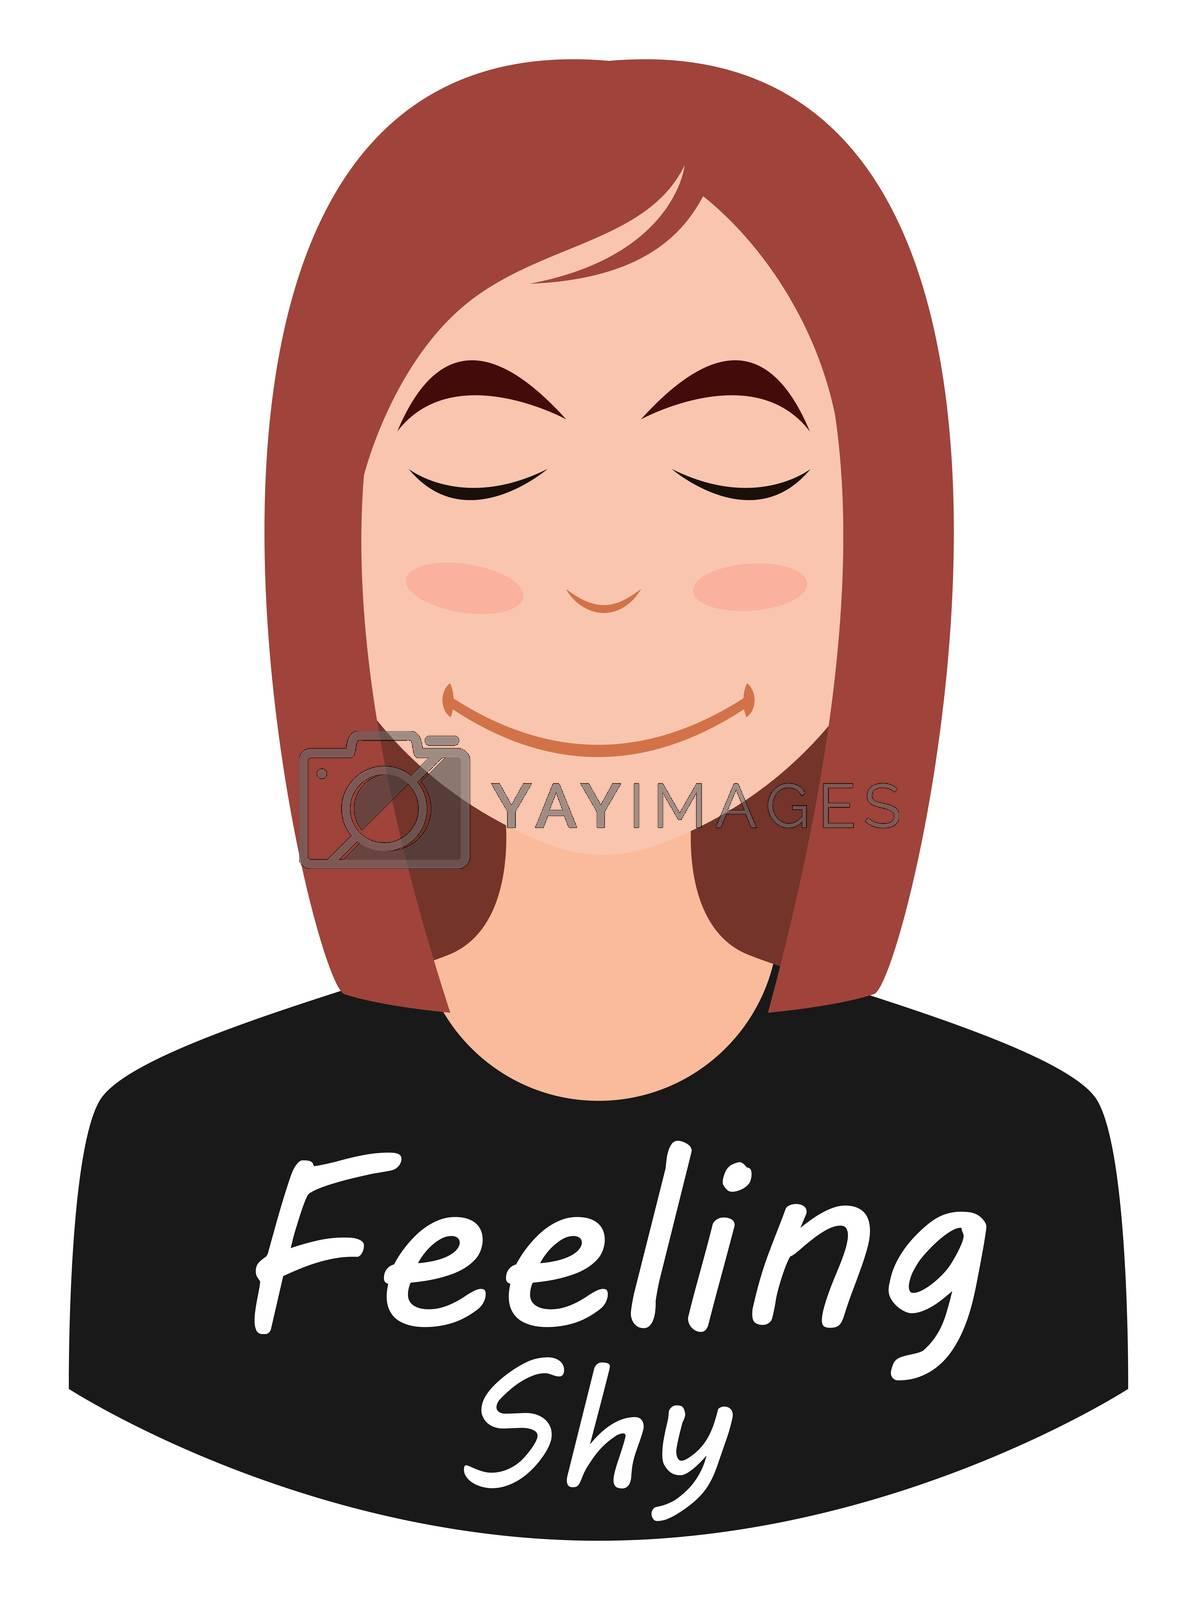 Shy girl emoji, illustration, vector on white background